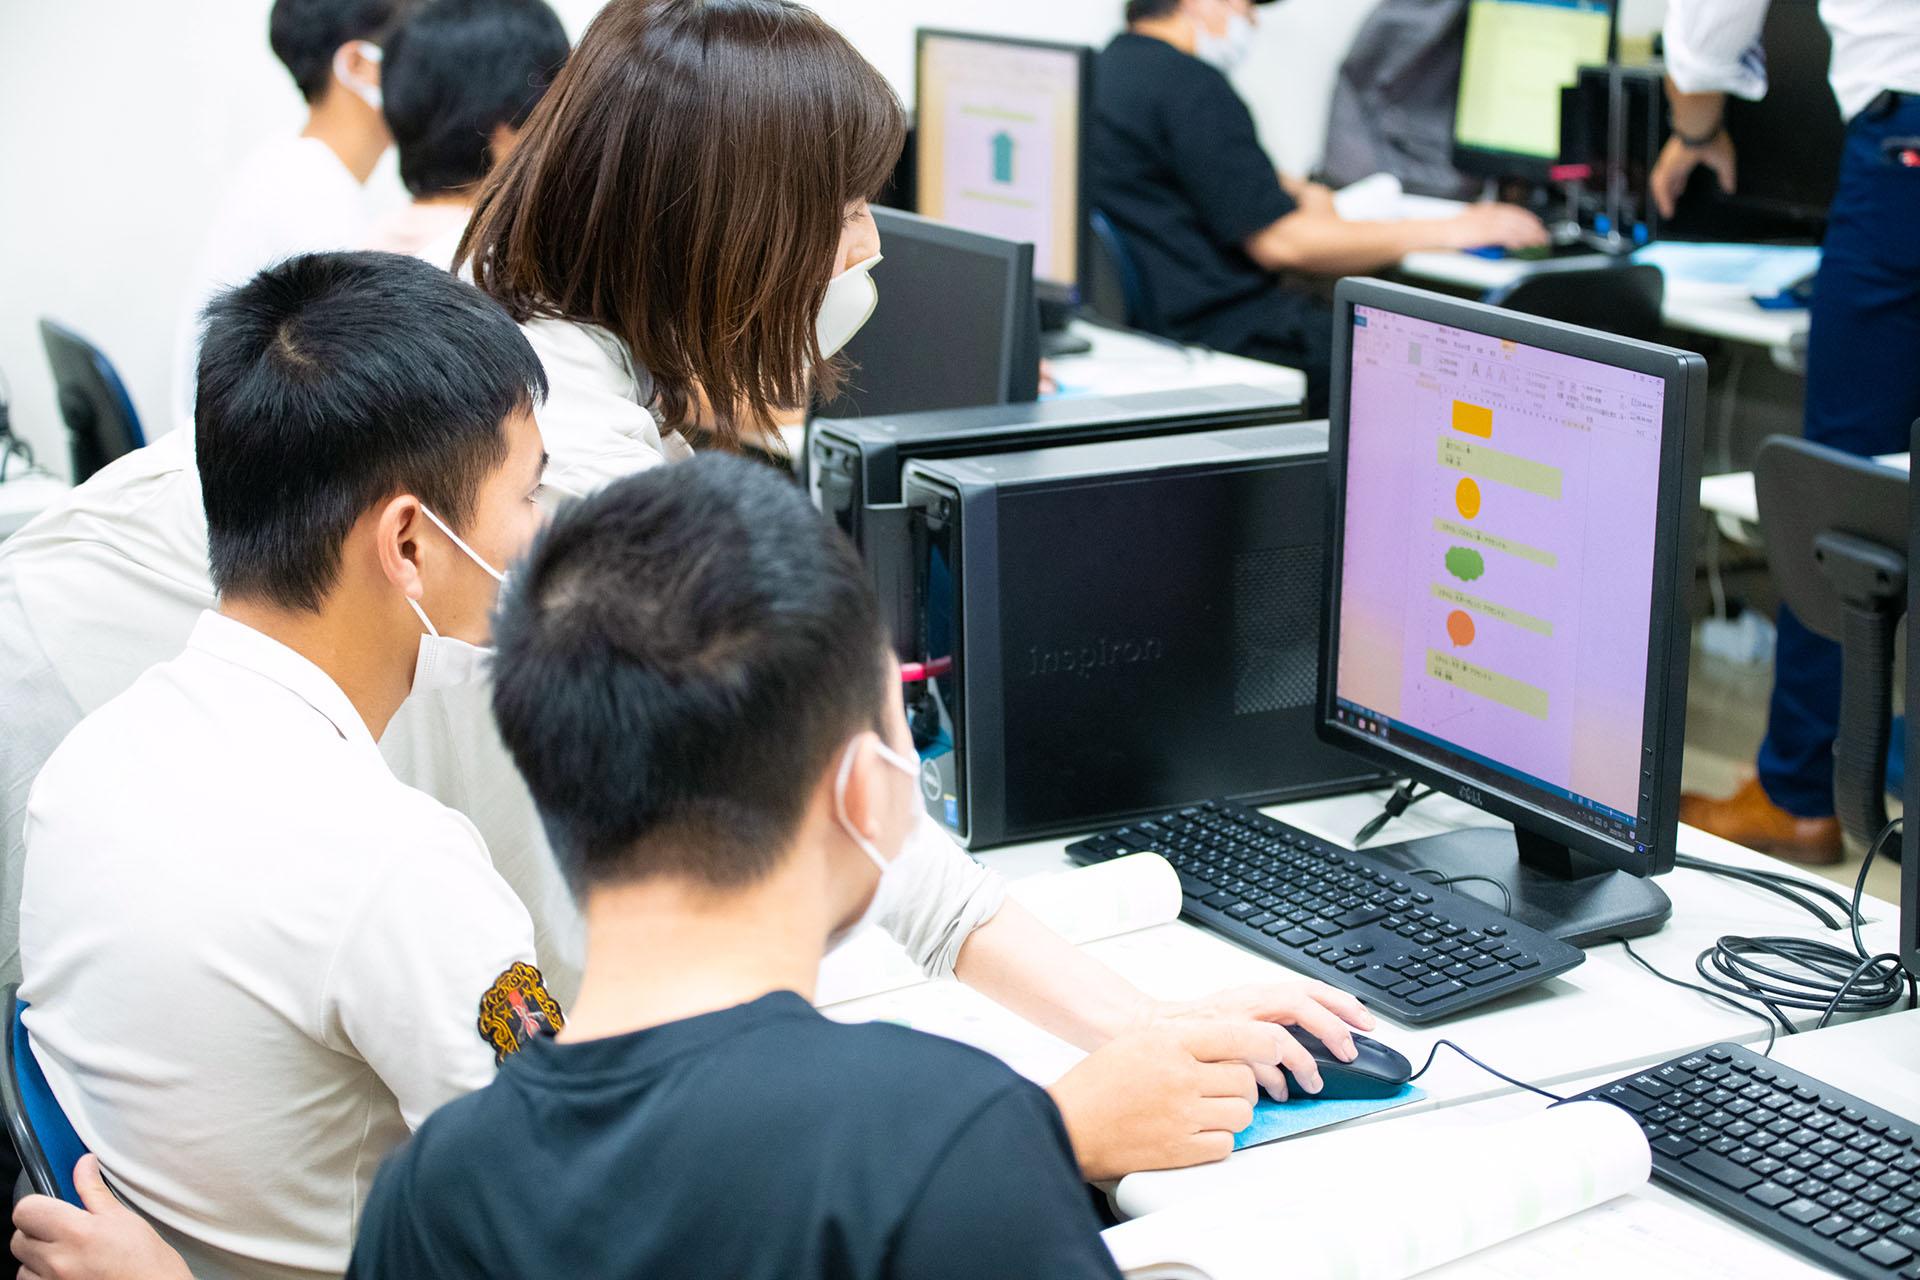 国際通訳ビジネス学科 就職に直結する技術を身につける